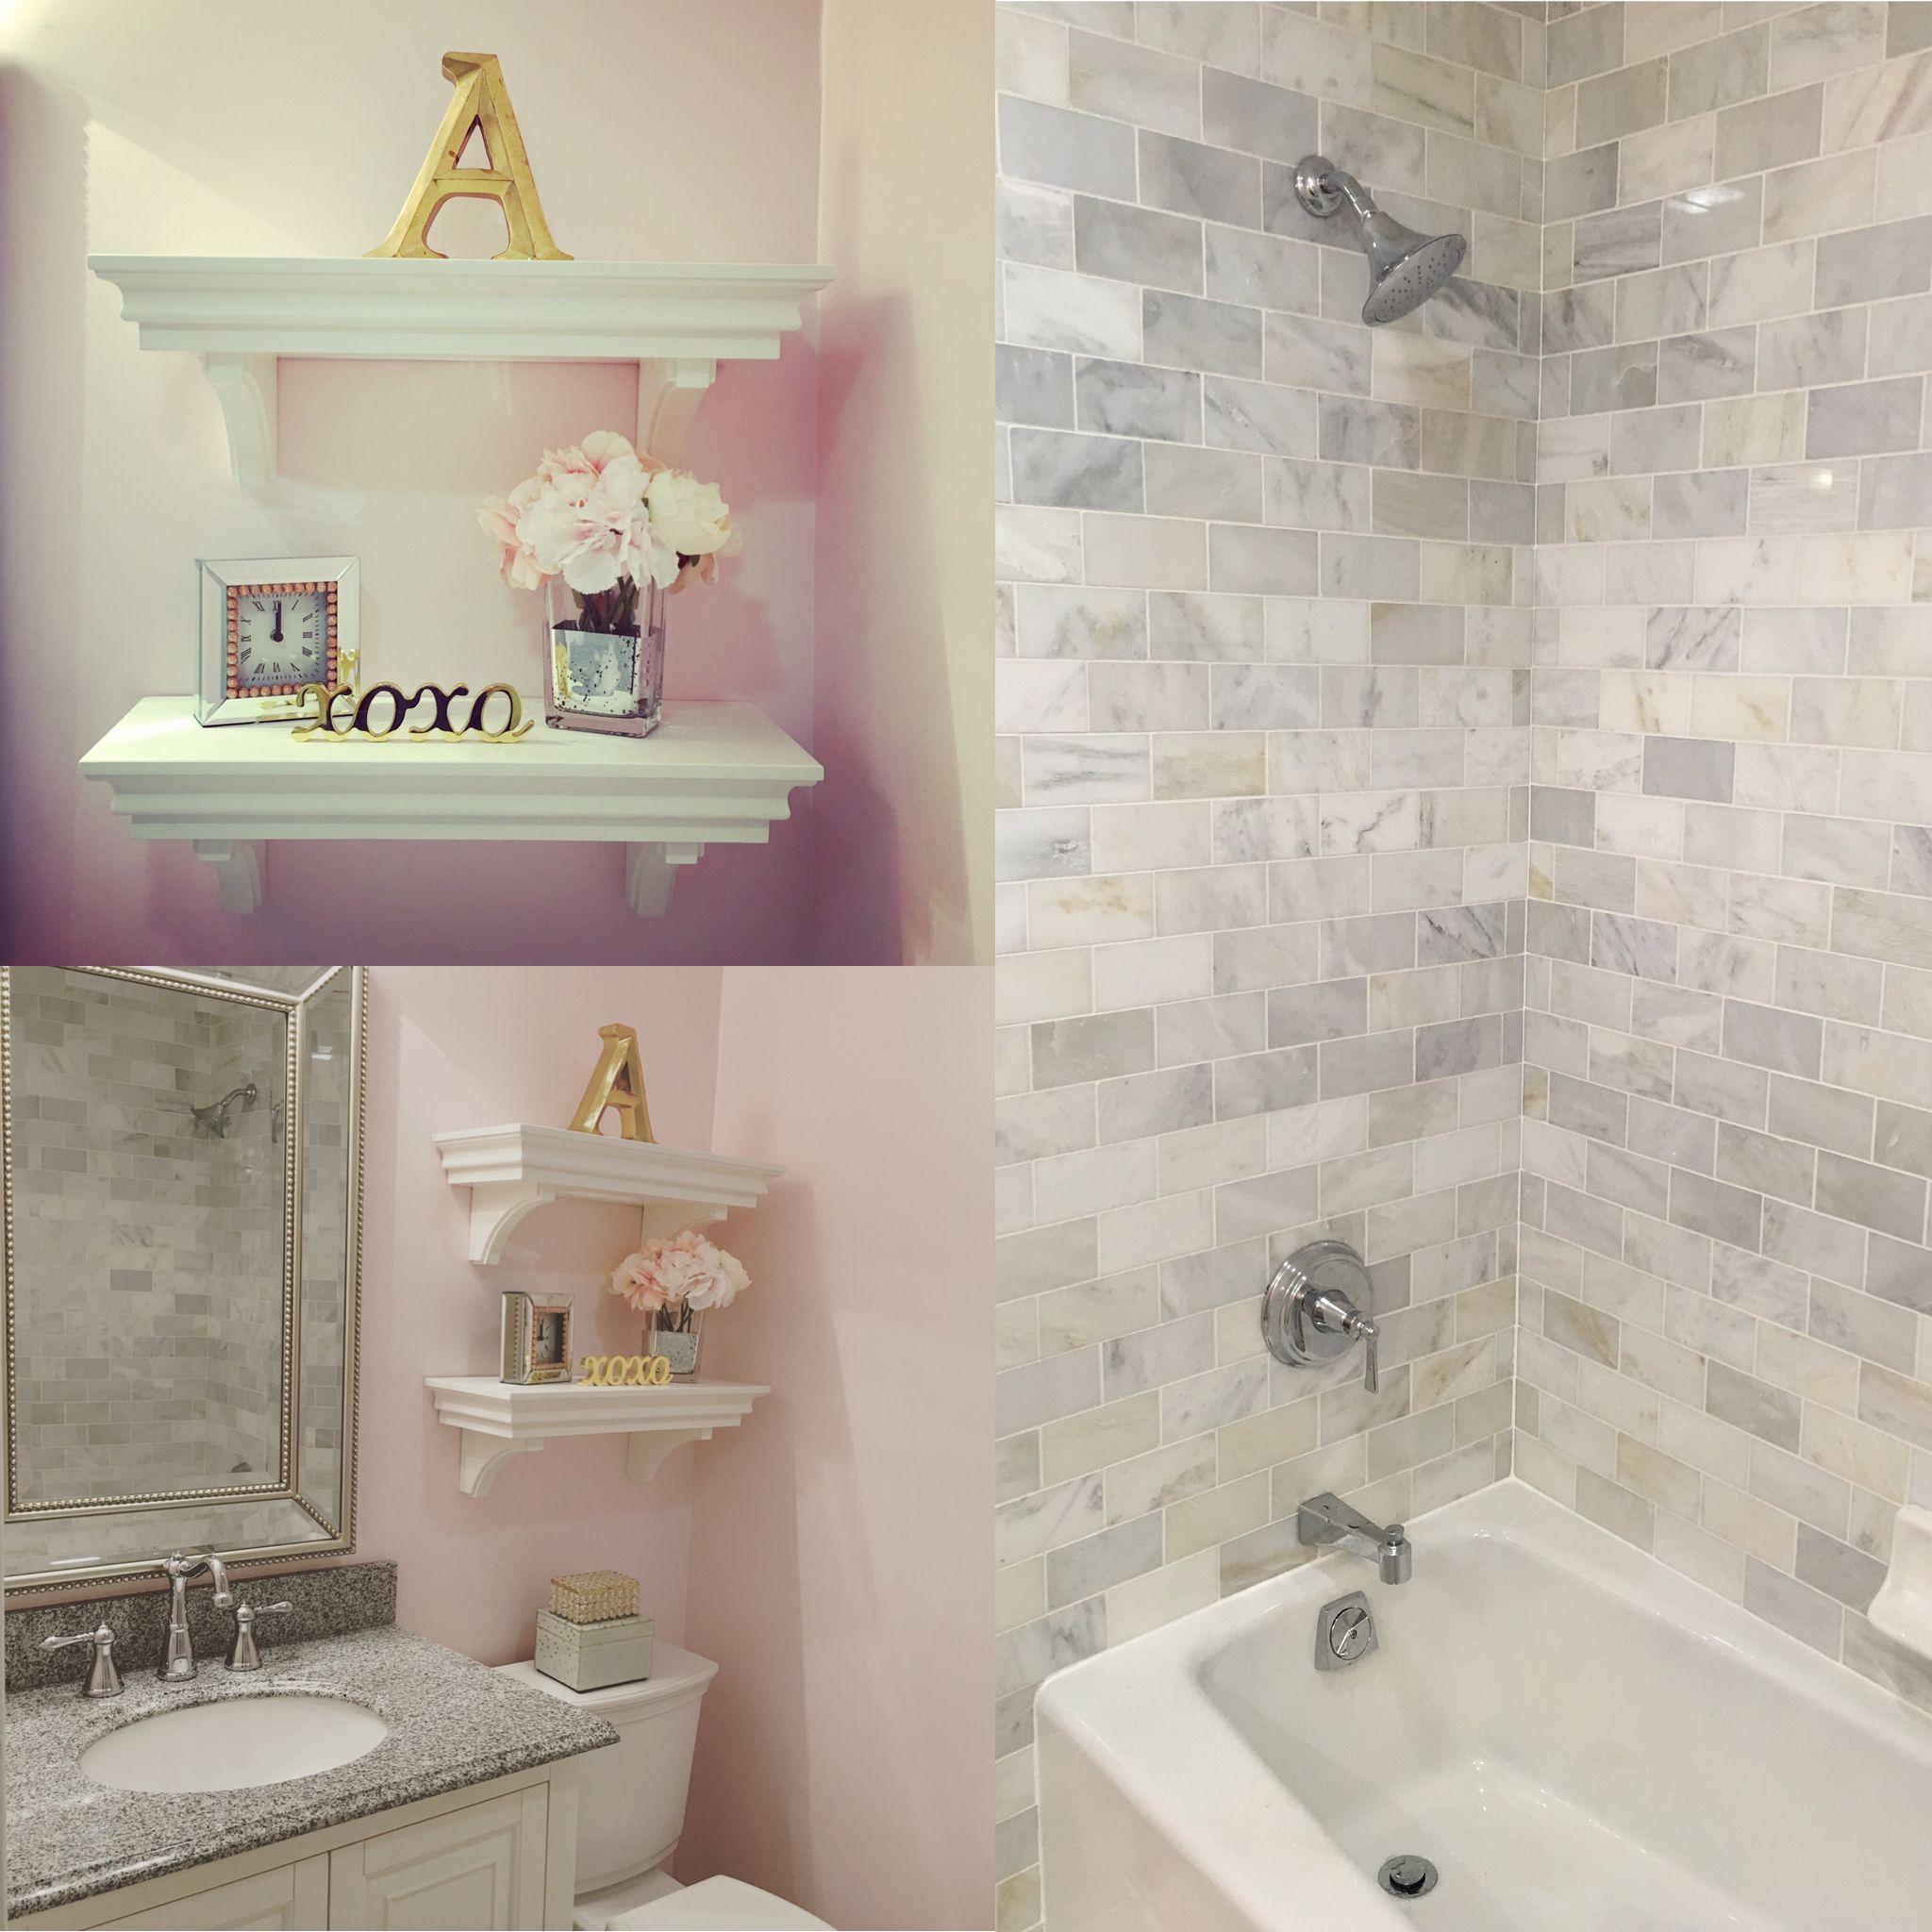 Bathroom shelving decor Shelves from Pottery Barn Kids Decor from TJ